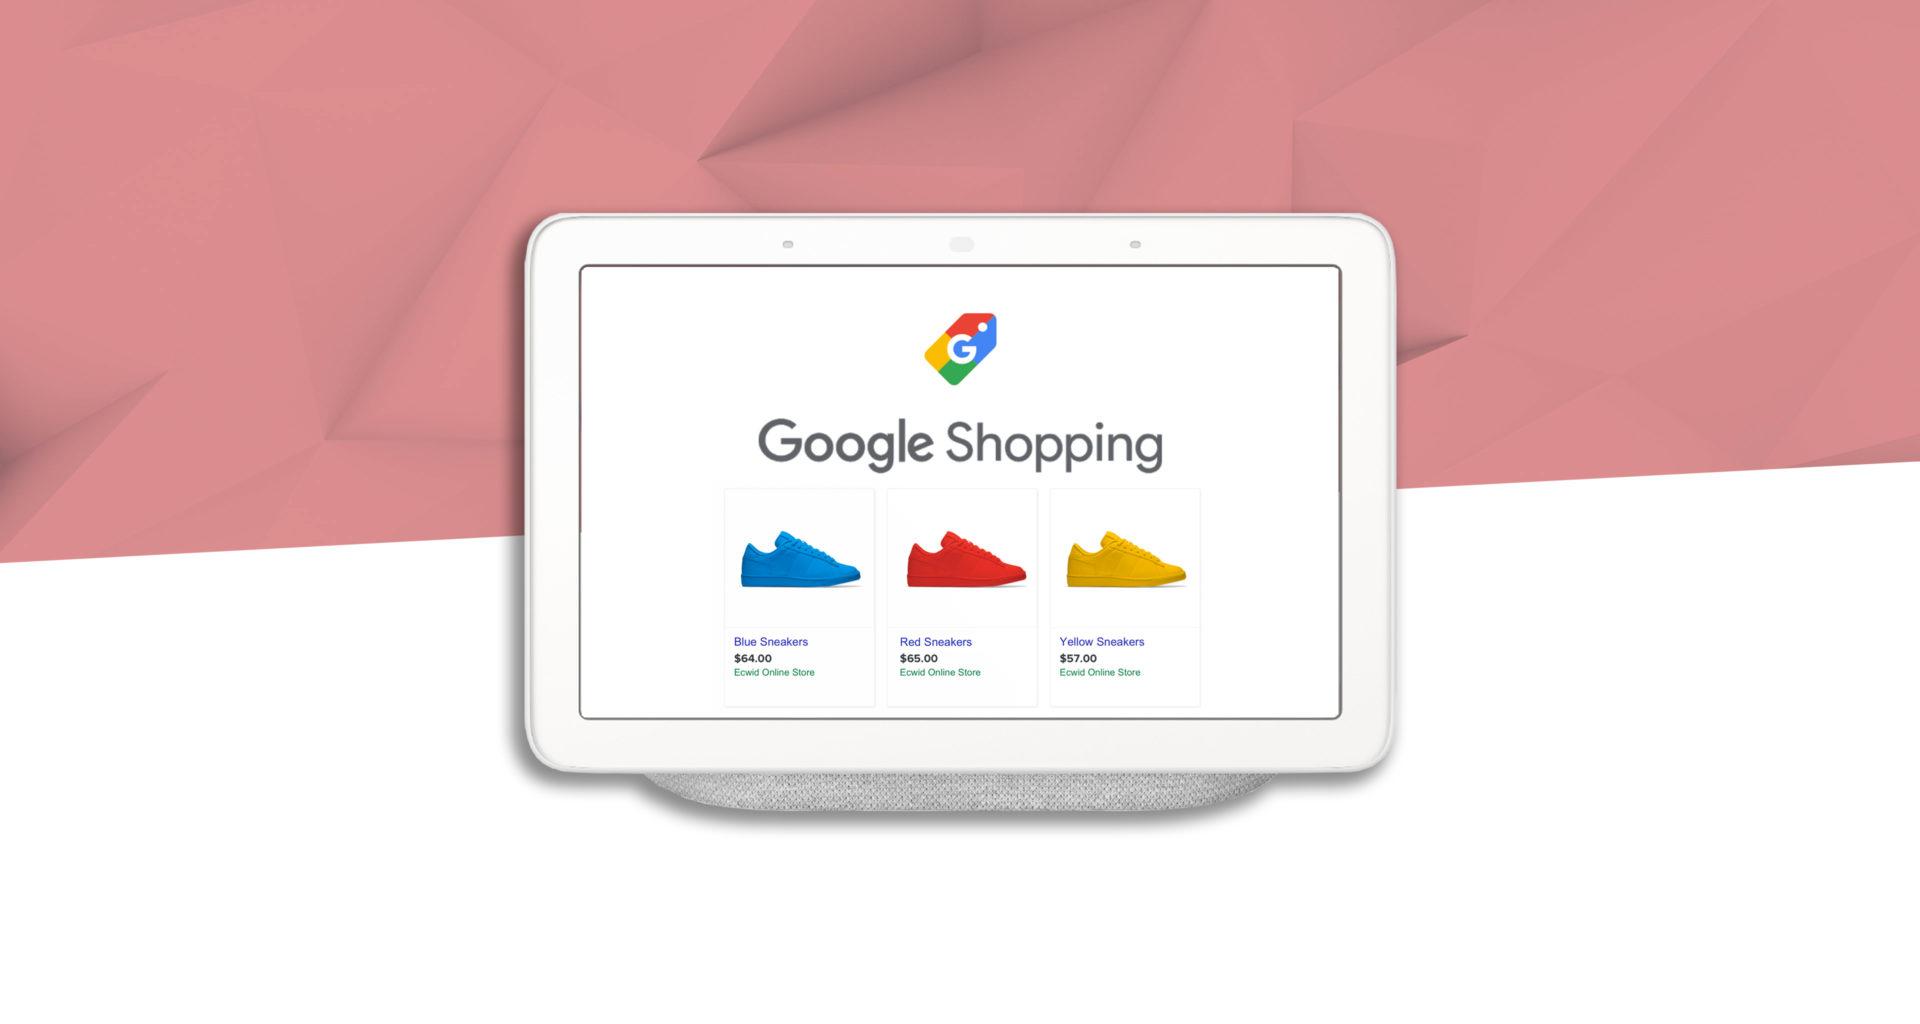 Acheter des produits avec la voix sur Google Shopping et Google Assistant